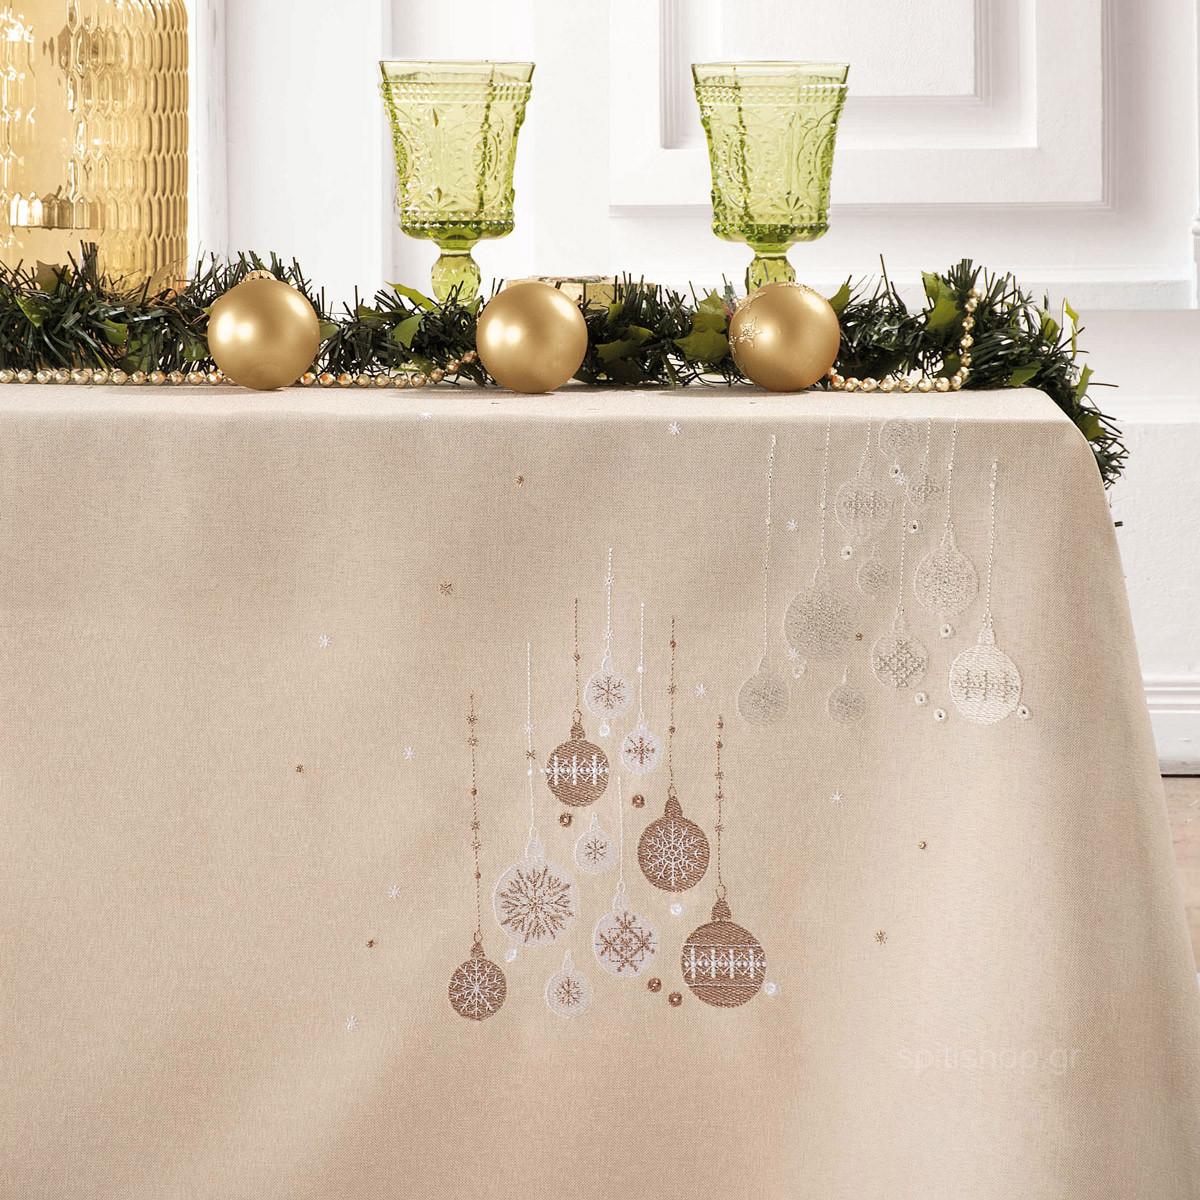 Χριστουγεννιάτικο Τραπεζομάντηλο (160×260) Makis Tselios Spirito